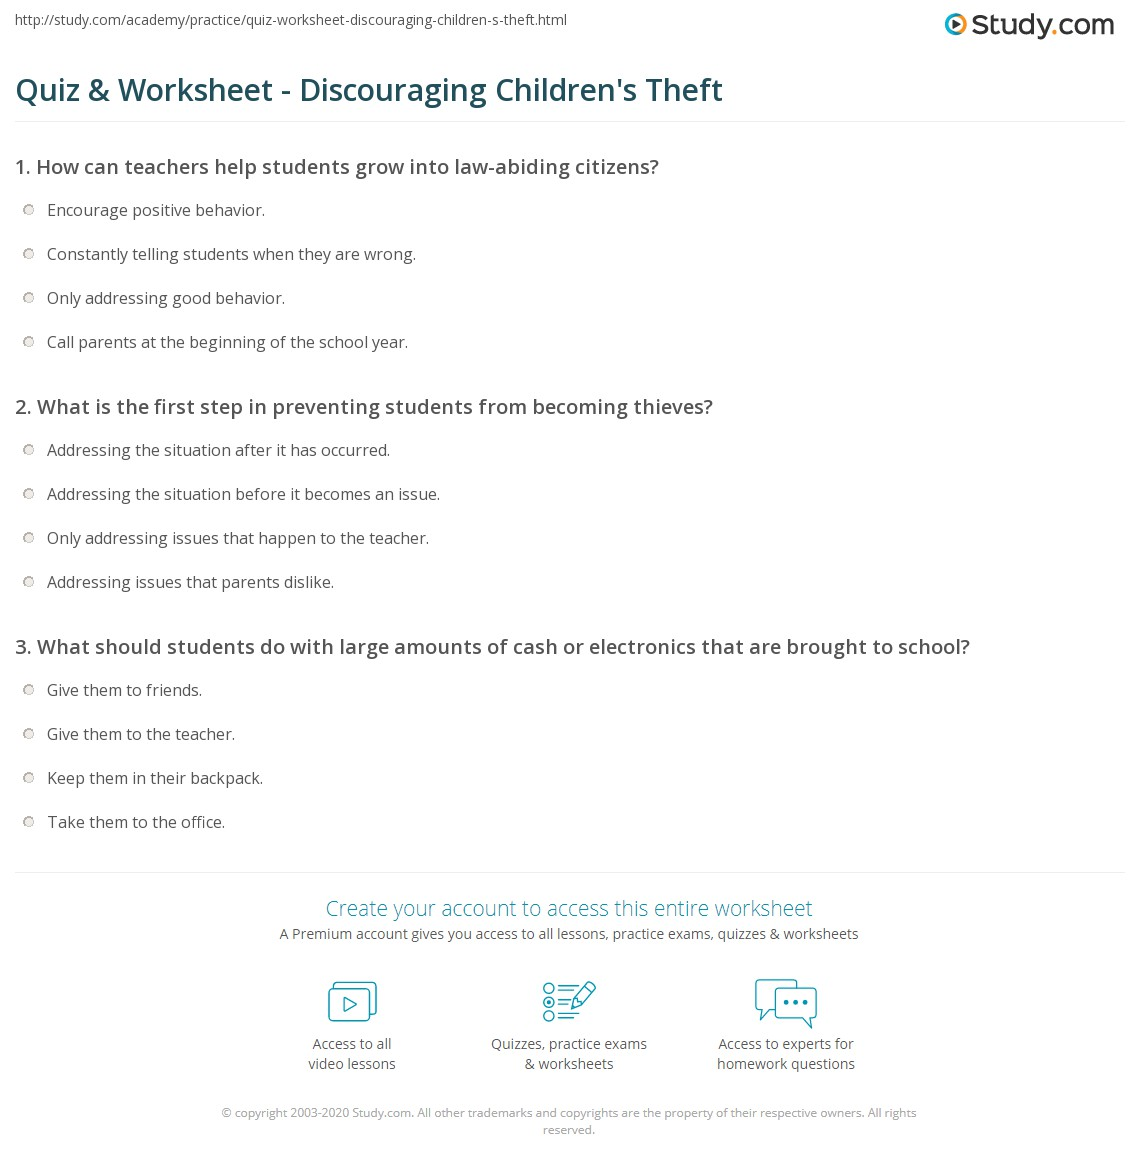 Quiz & Worksheet - Discouraging Children's Theft | Study.com